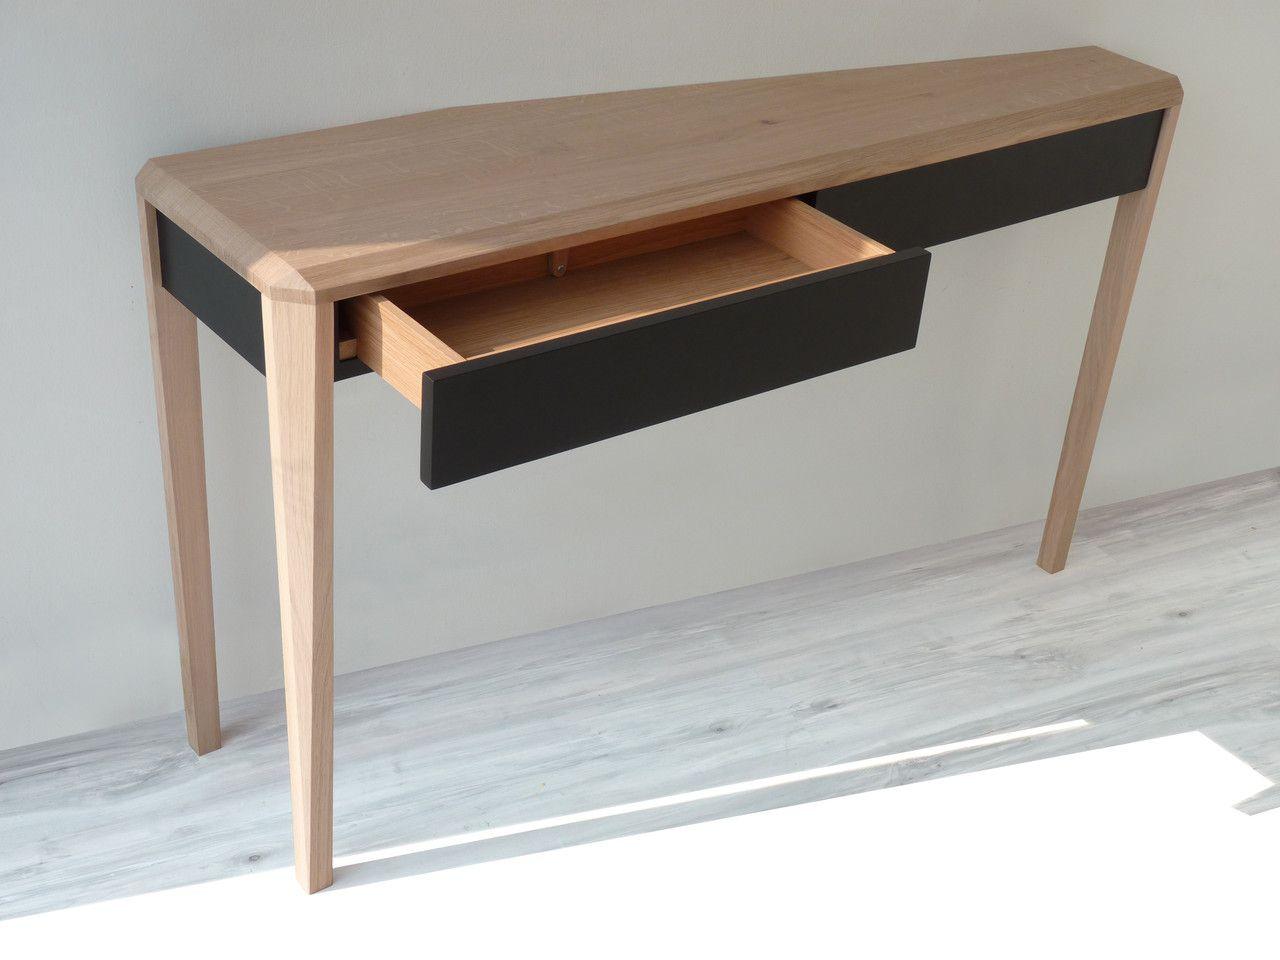 Table Pliante Contre Mur a dreuz (à travers), console à 3 pieds, fixée contre un mur